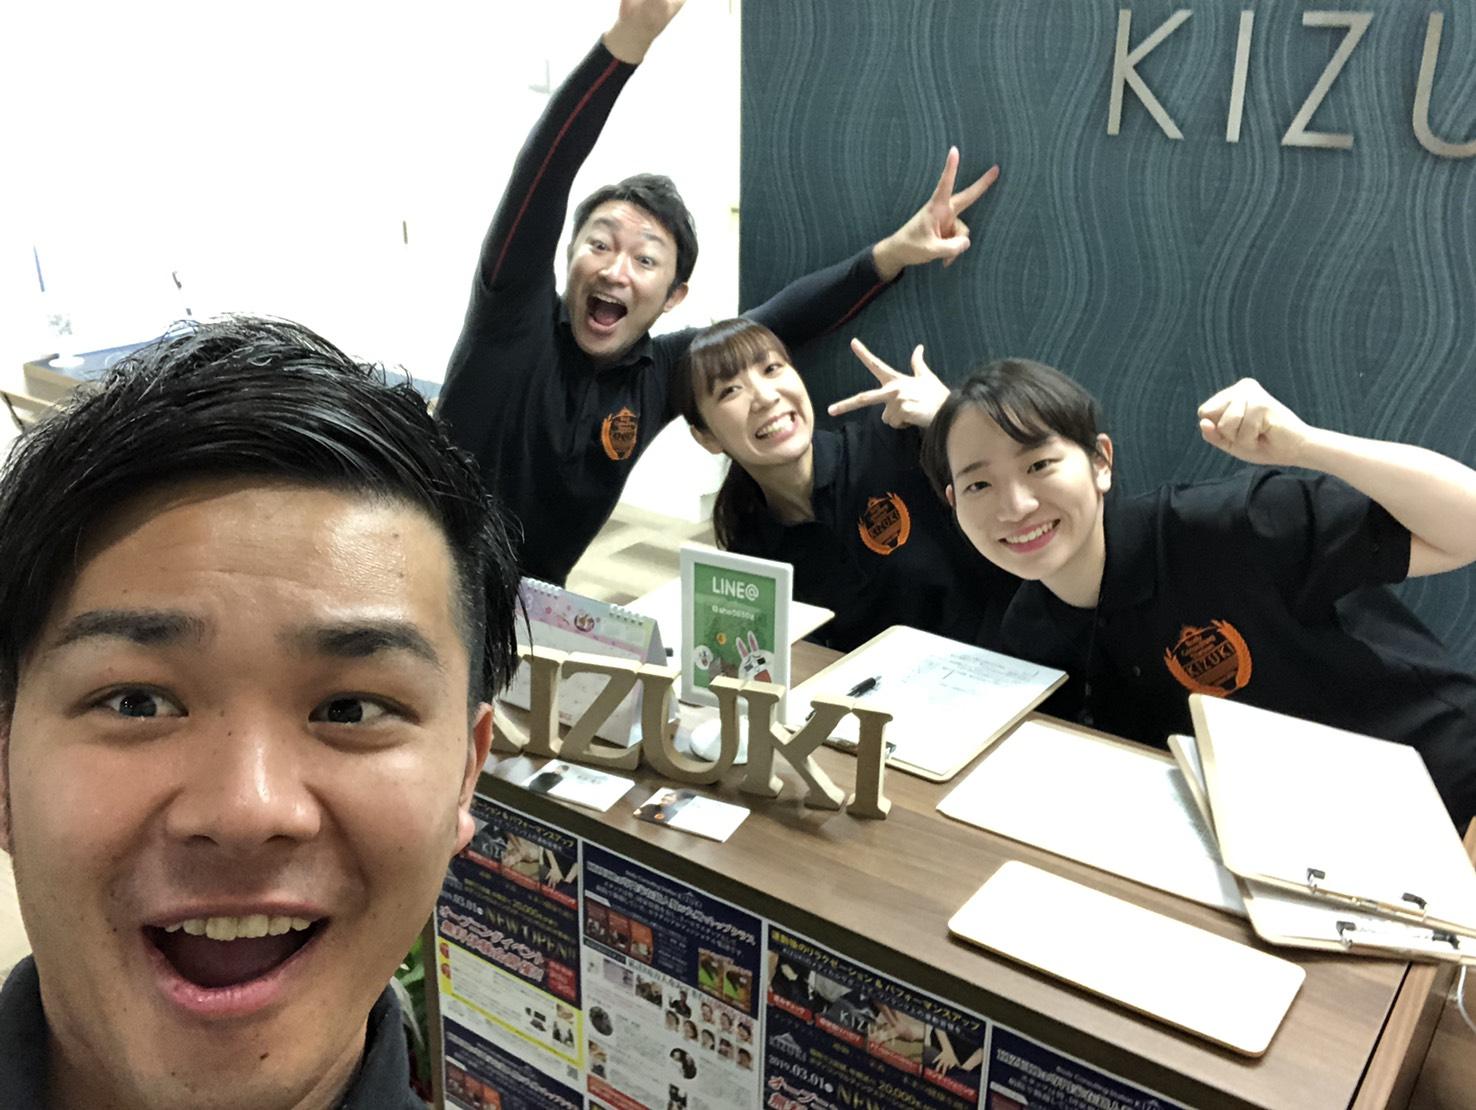 KIZUKIコナミスポーツクラブ長崎店OPEN初日!!